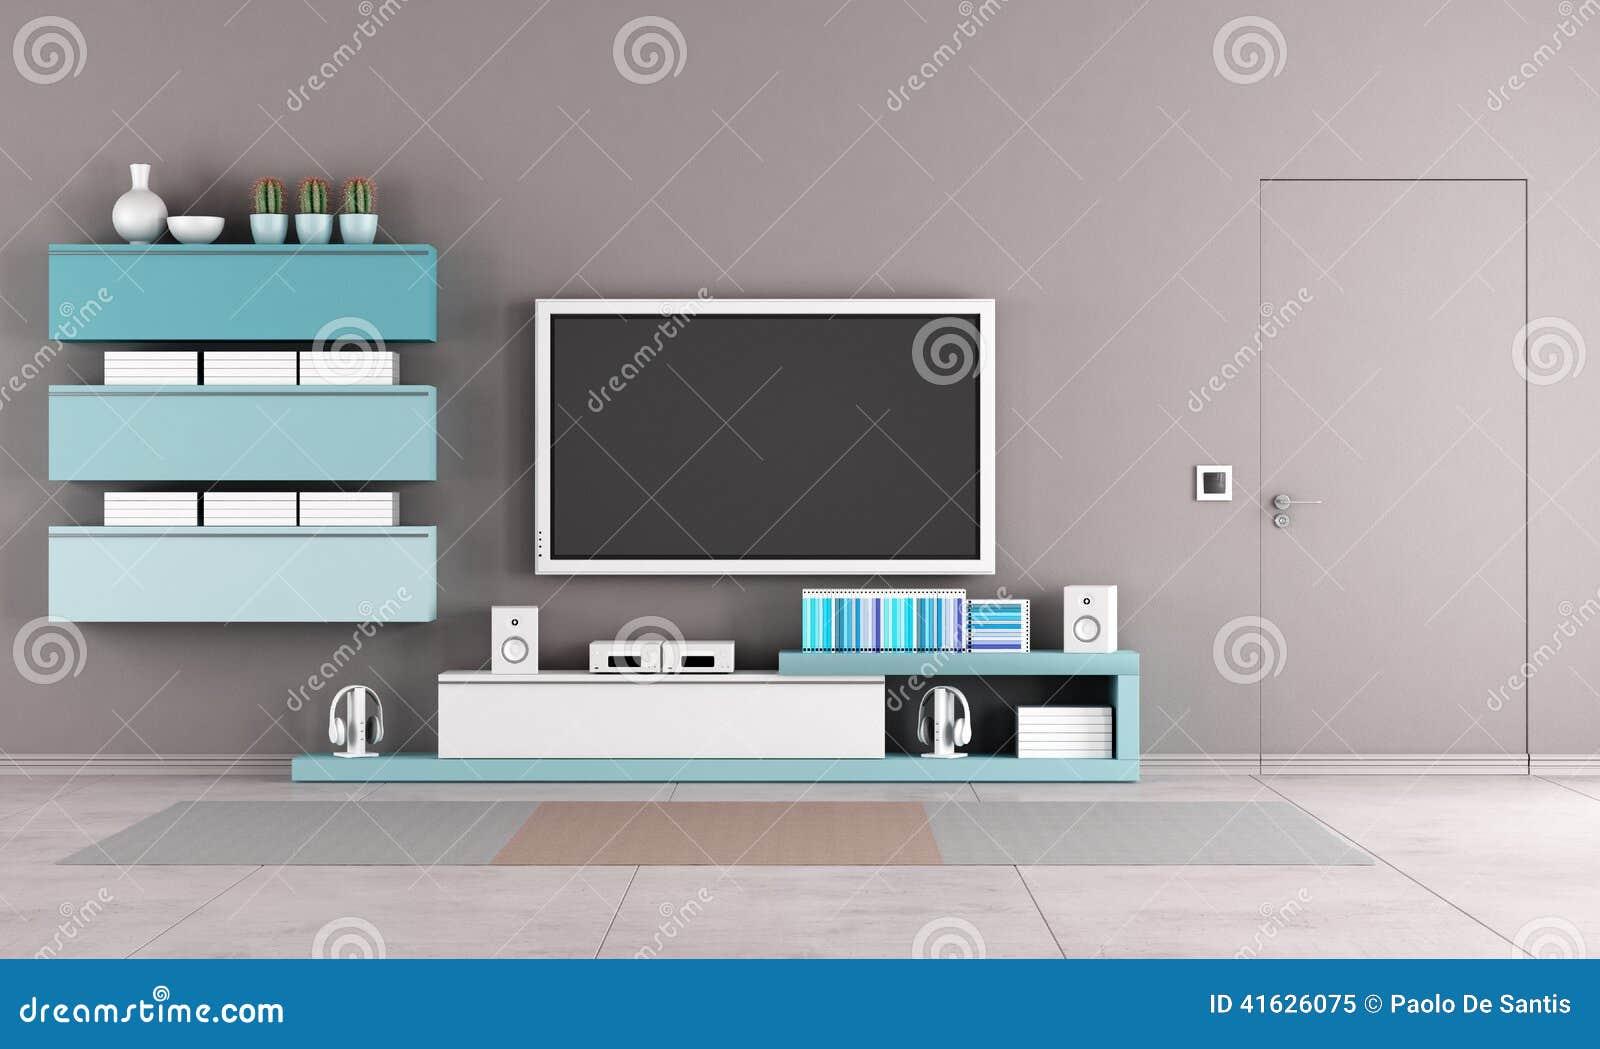 Buntes Wohnzimmer Mit Fernsehstand Stock Abbildung - Illustration ...